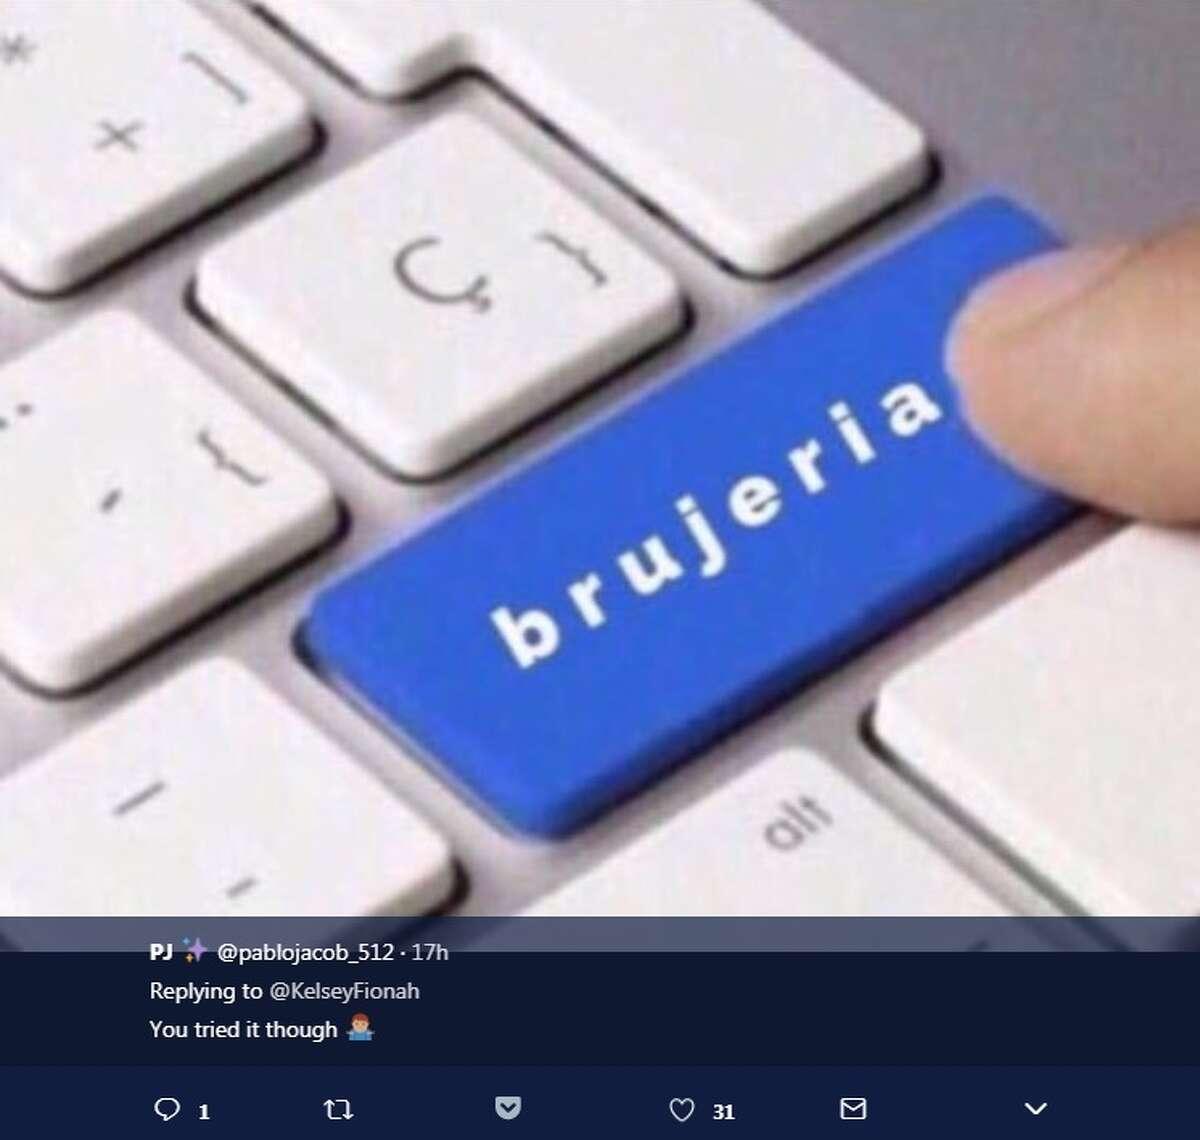 @pablojacob_512: